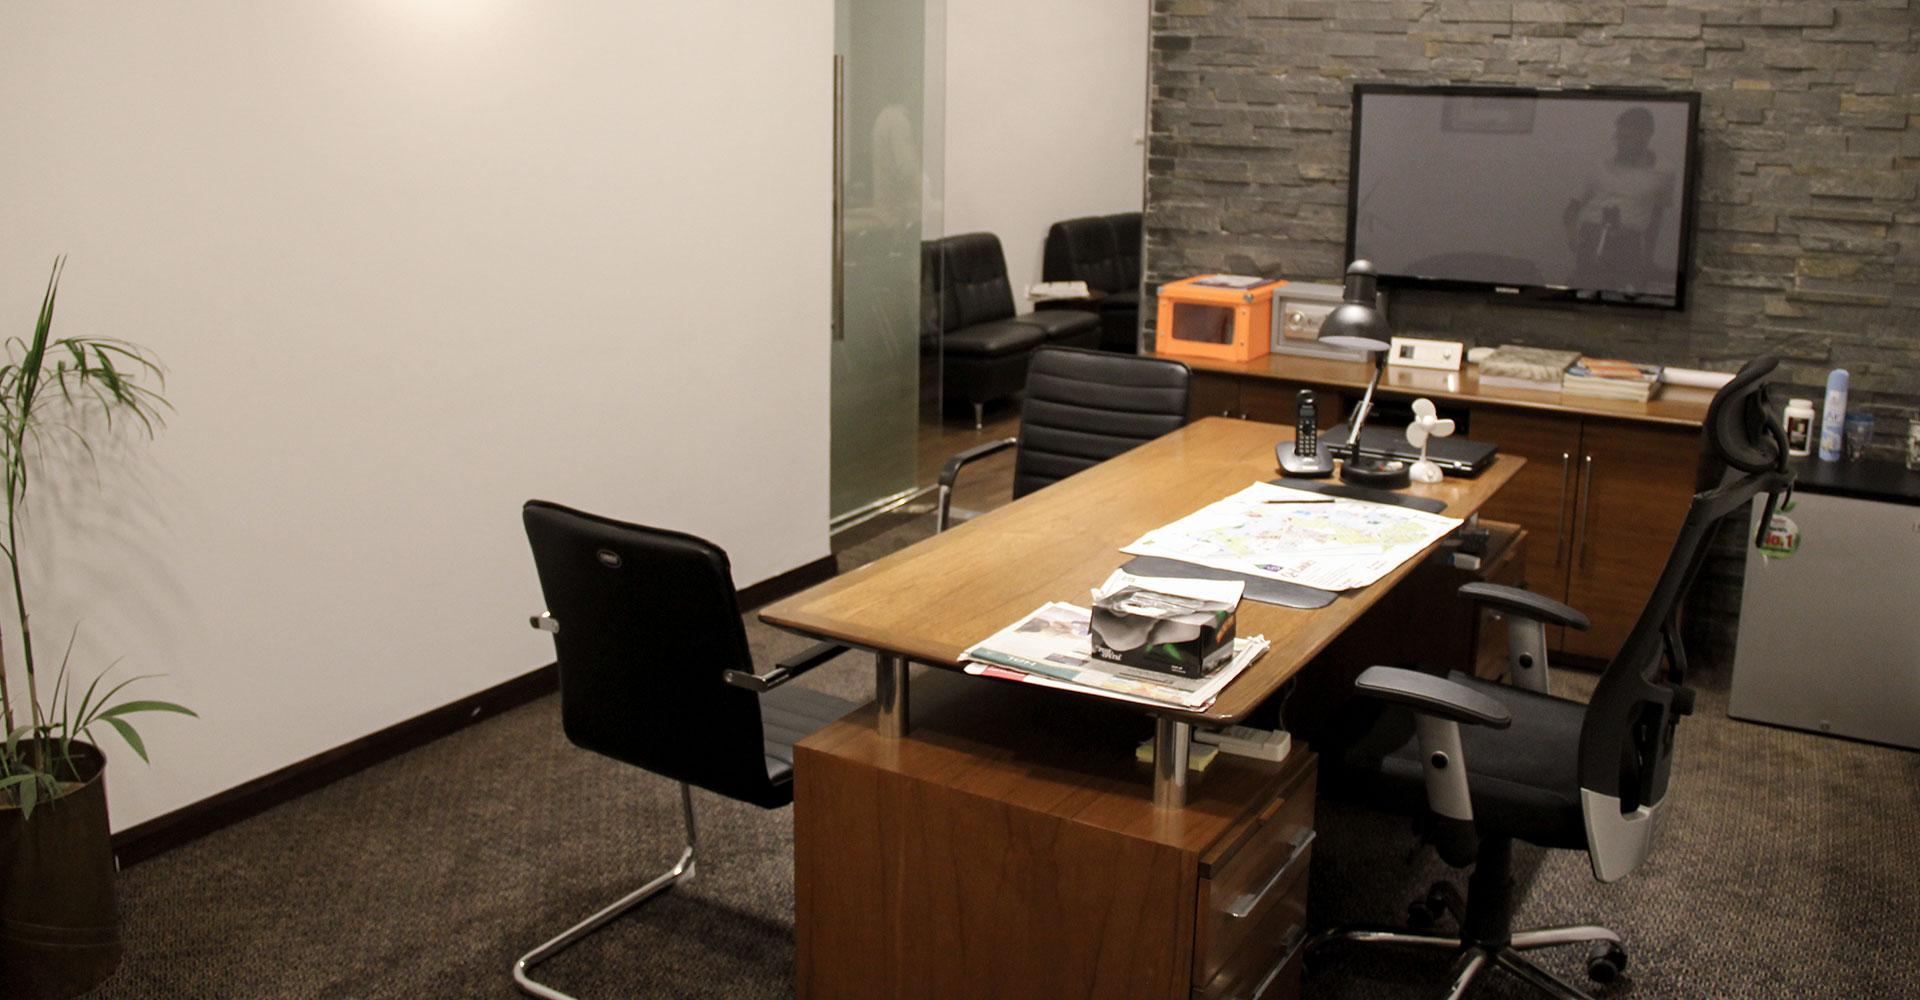 residential-restaurant-office-interior-design-hiline-lahore-portfolio-(q-links-marketing-office)(1000×1000)-03